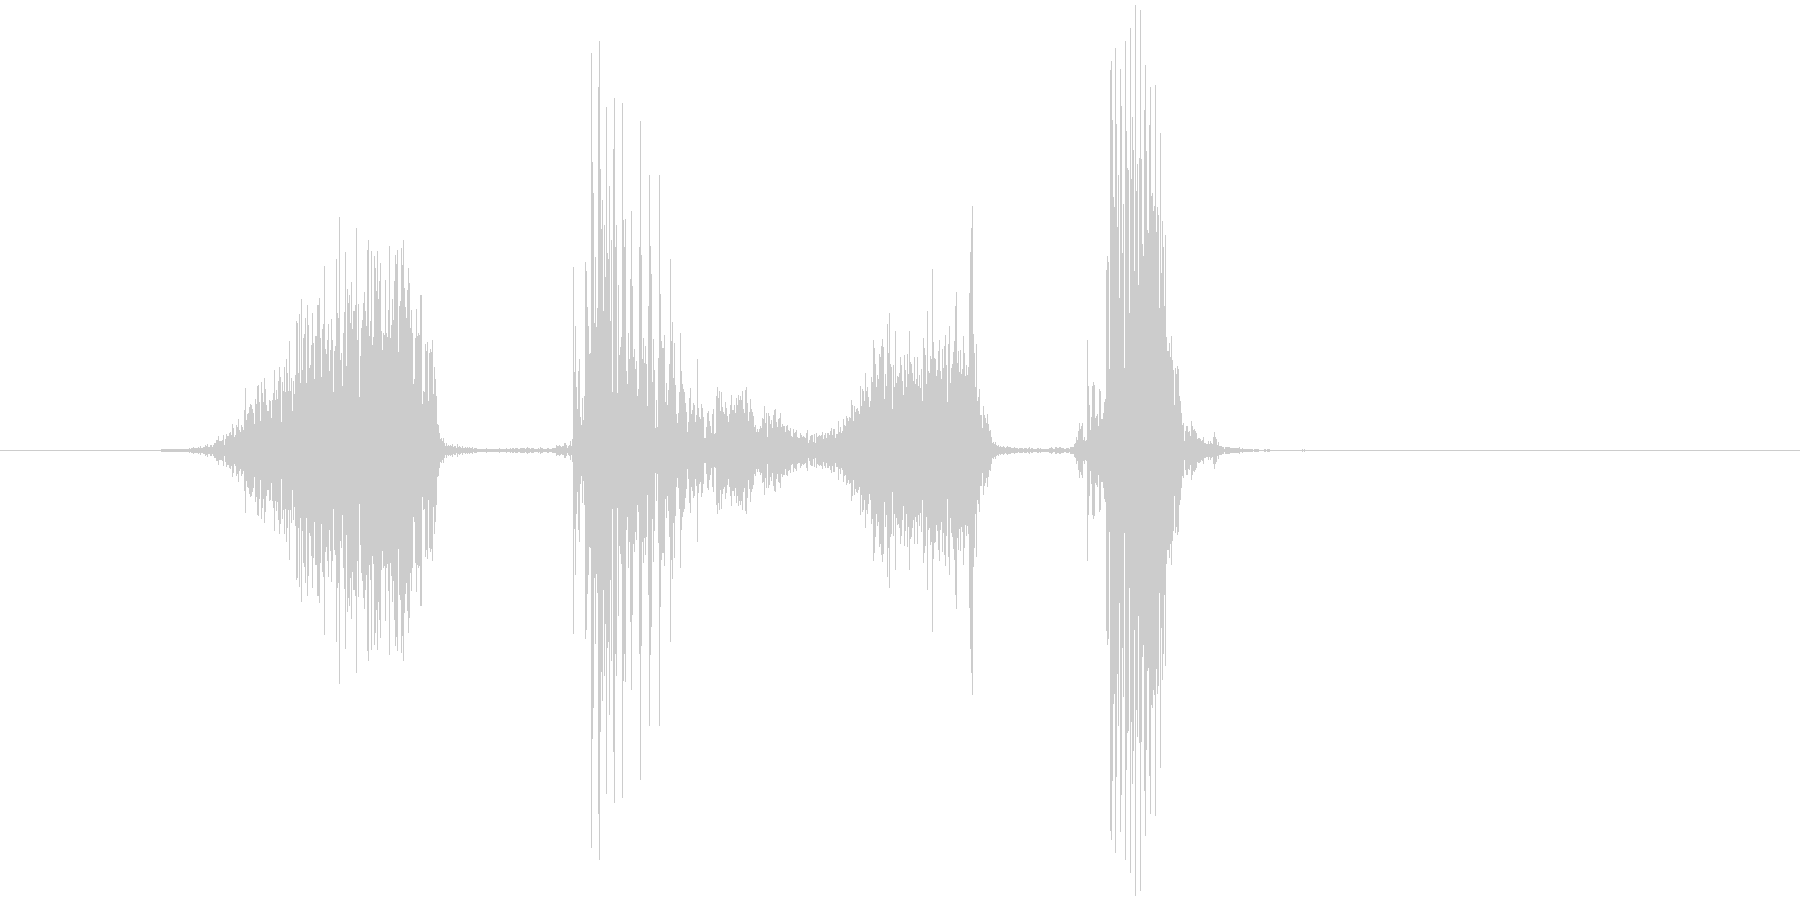 「スタスタ」の未再生の波形